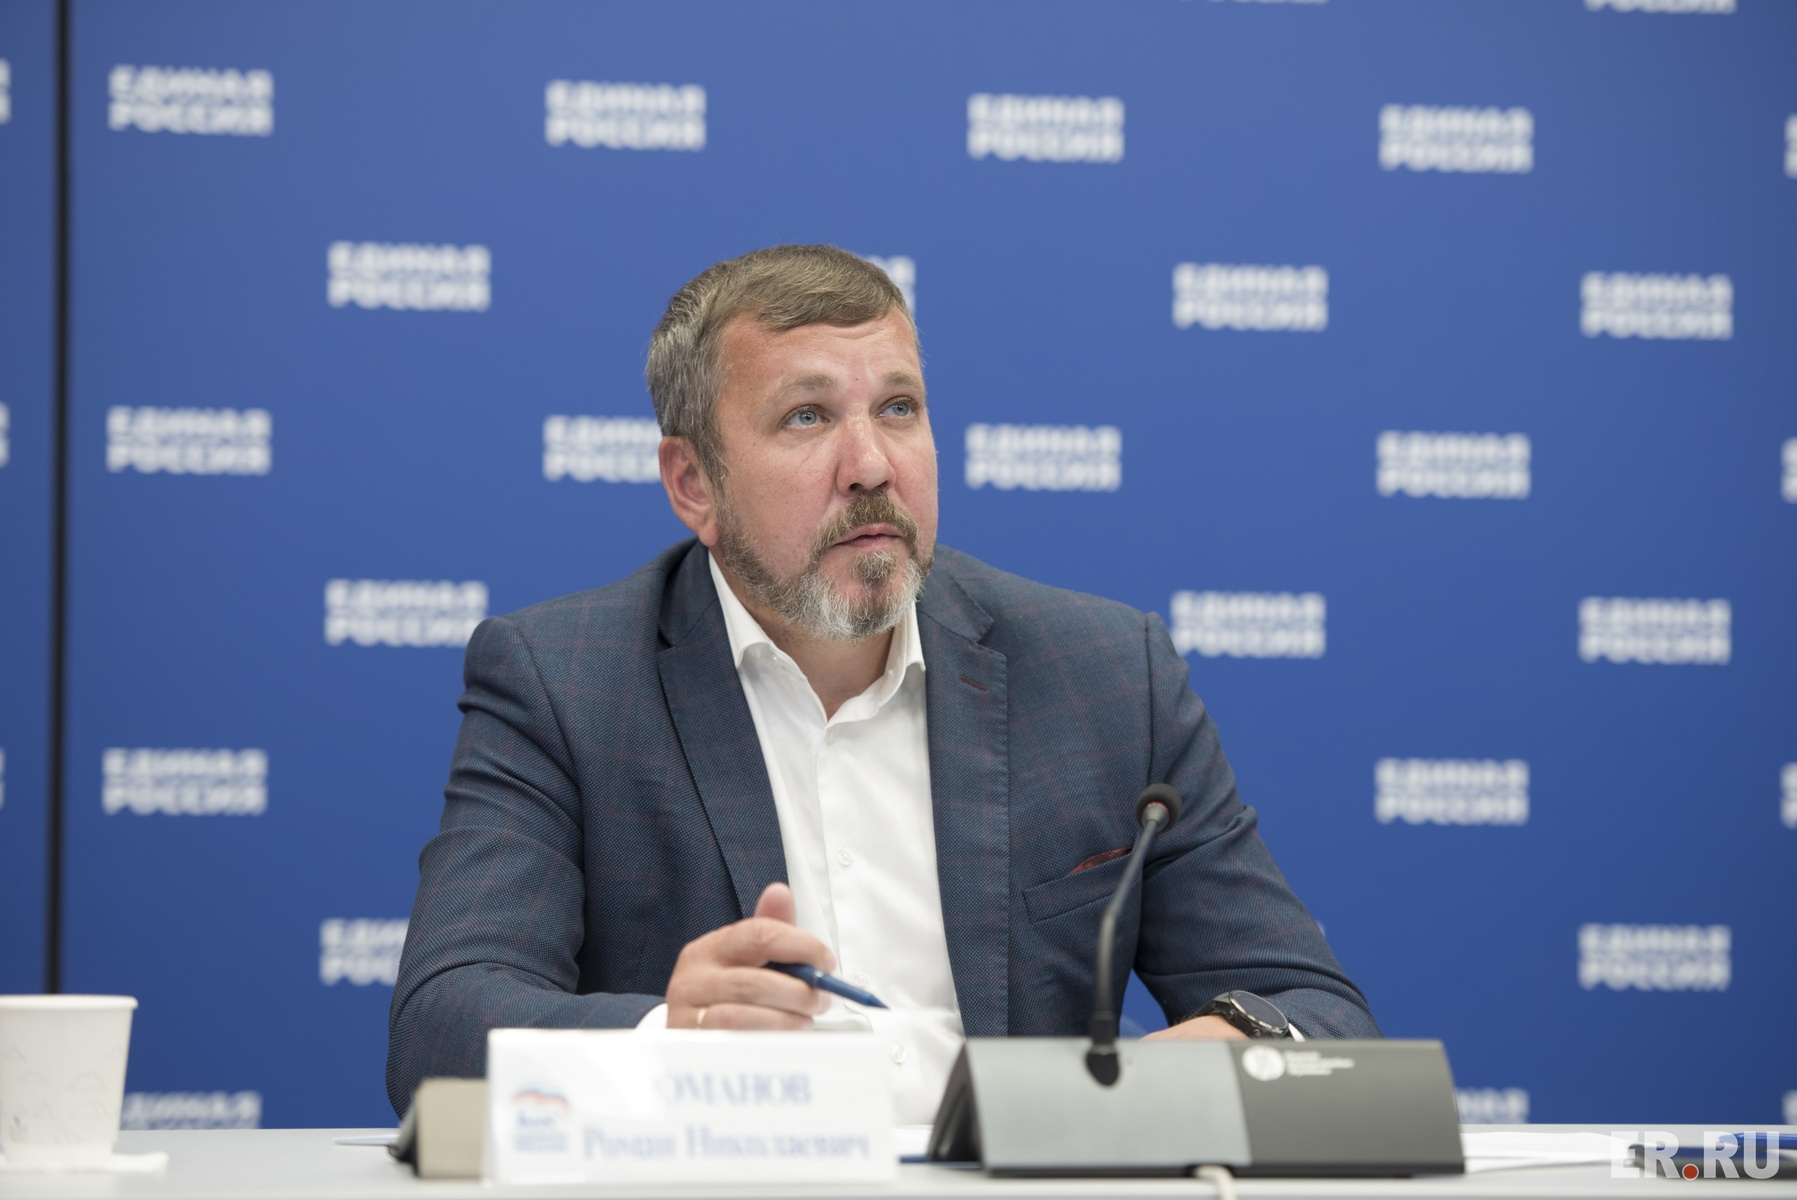 Дмитрий Медведев провел онлайн-встречу с участниками кадрового конкурса партии «ПолитСтартап»